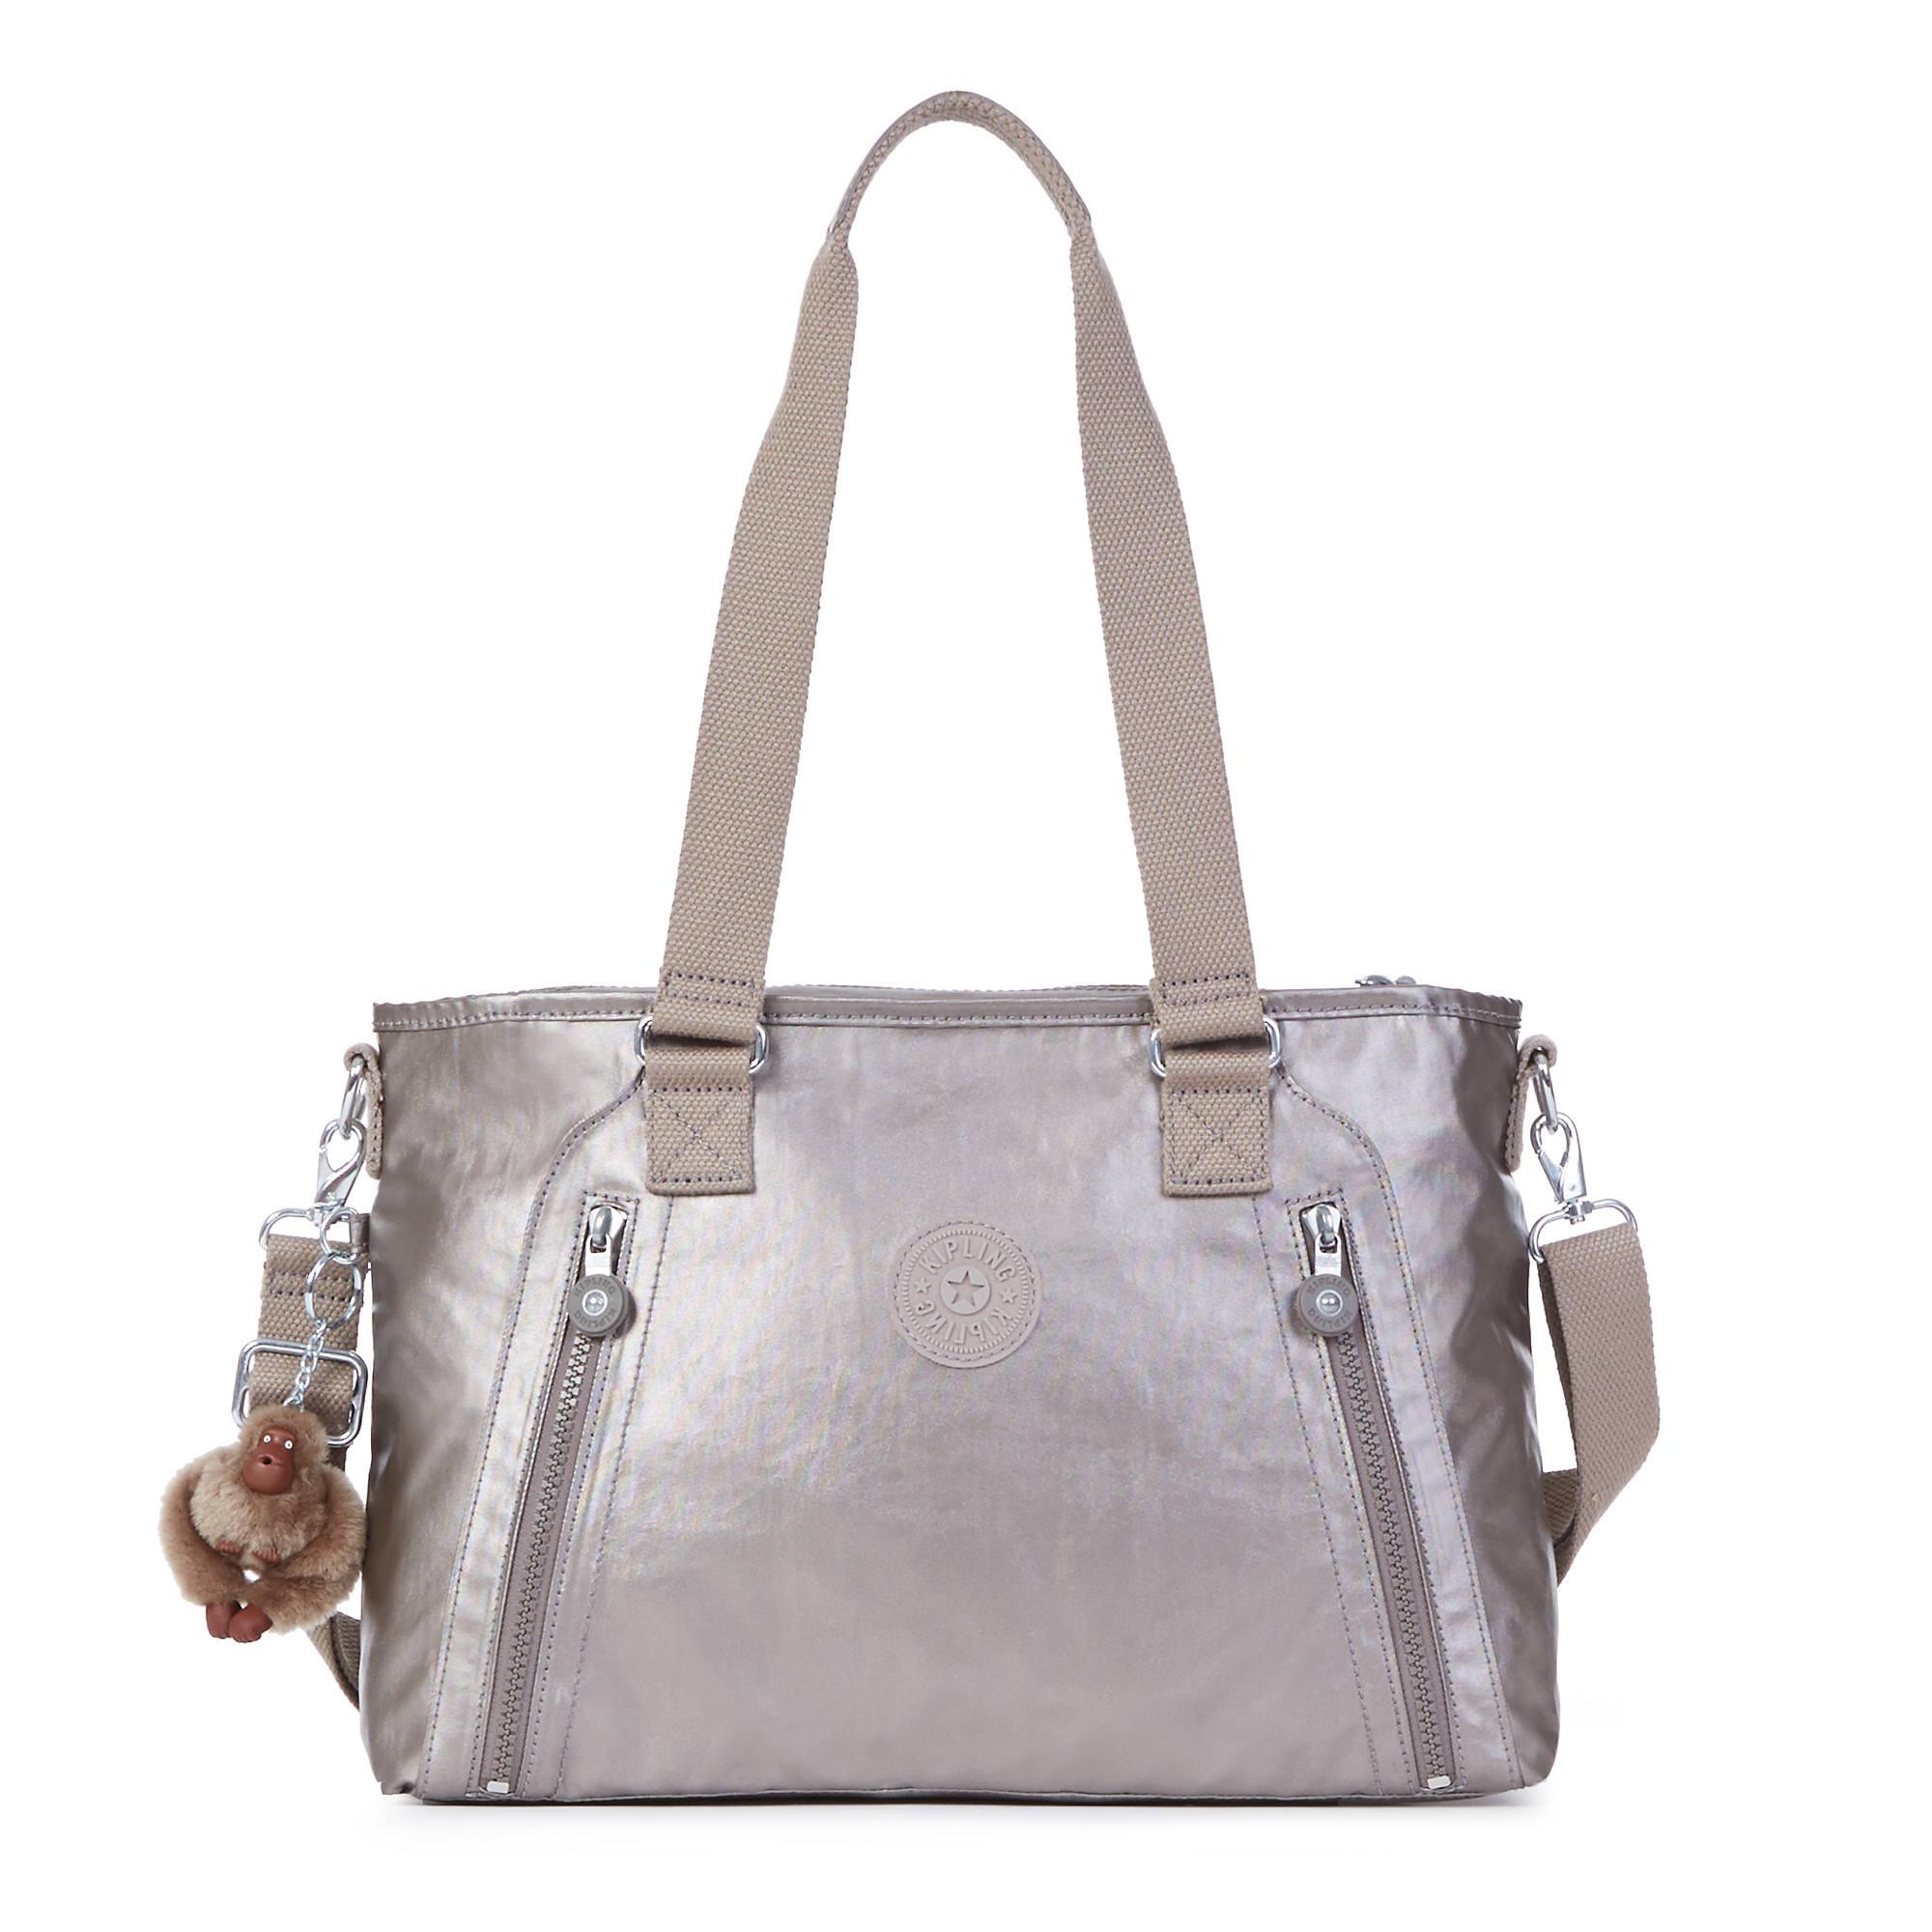 Angela Metallic Handbag Pewter Large